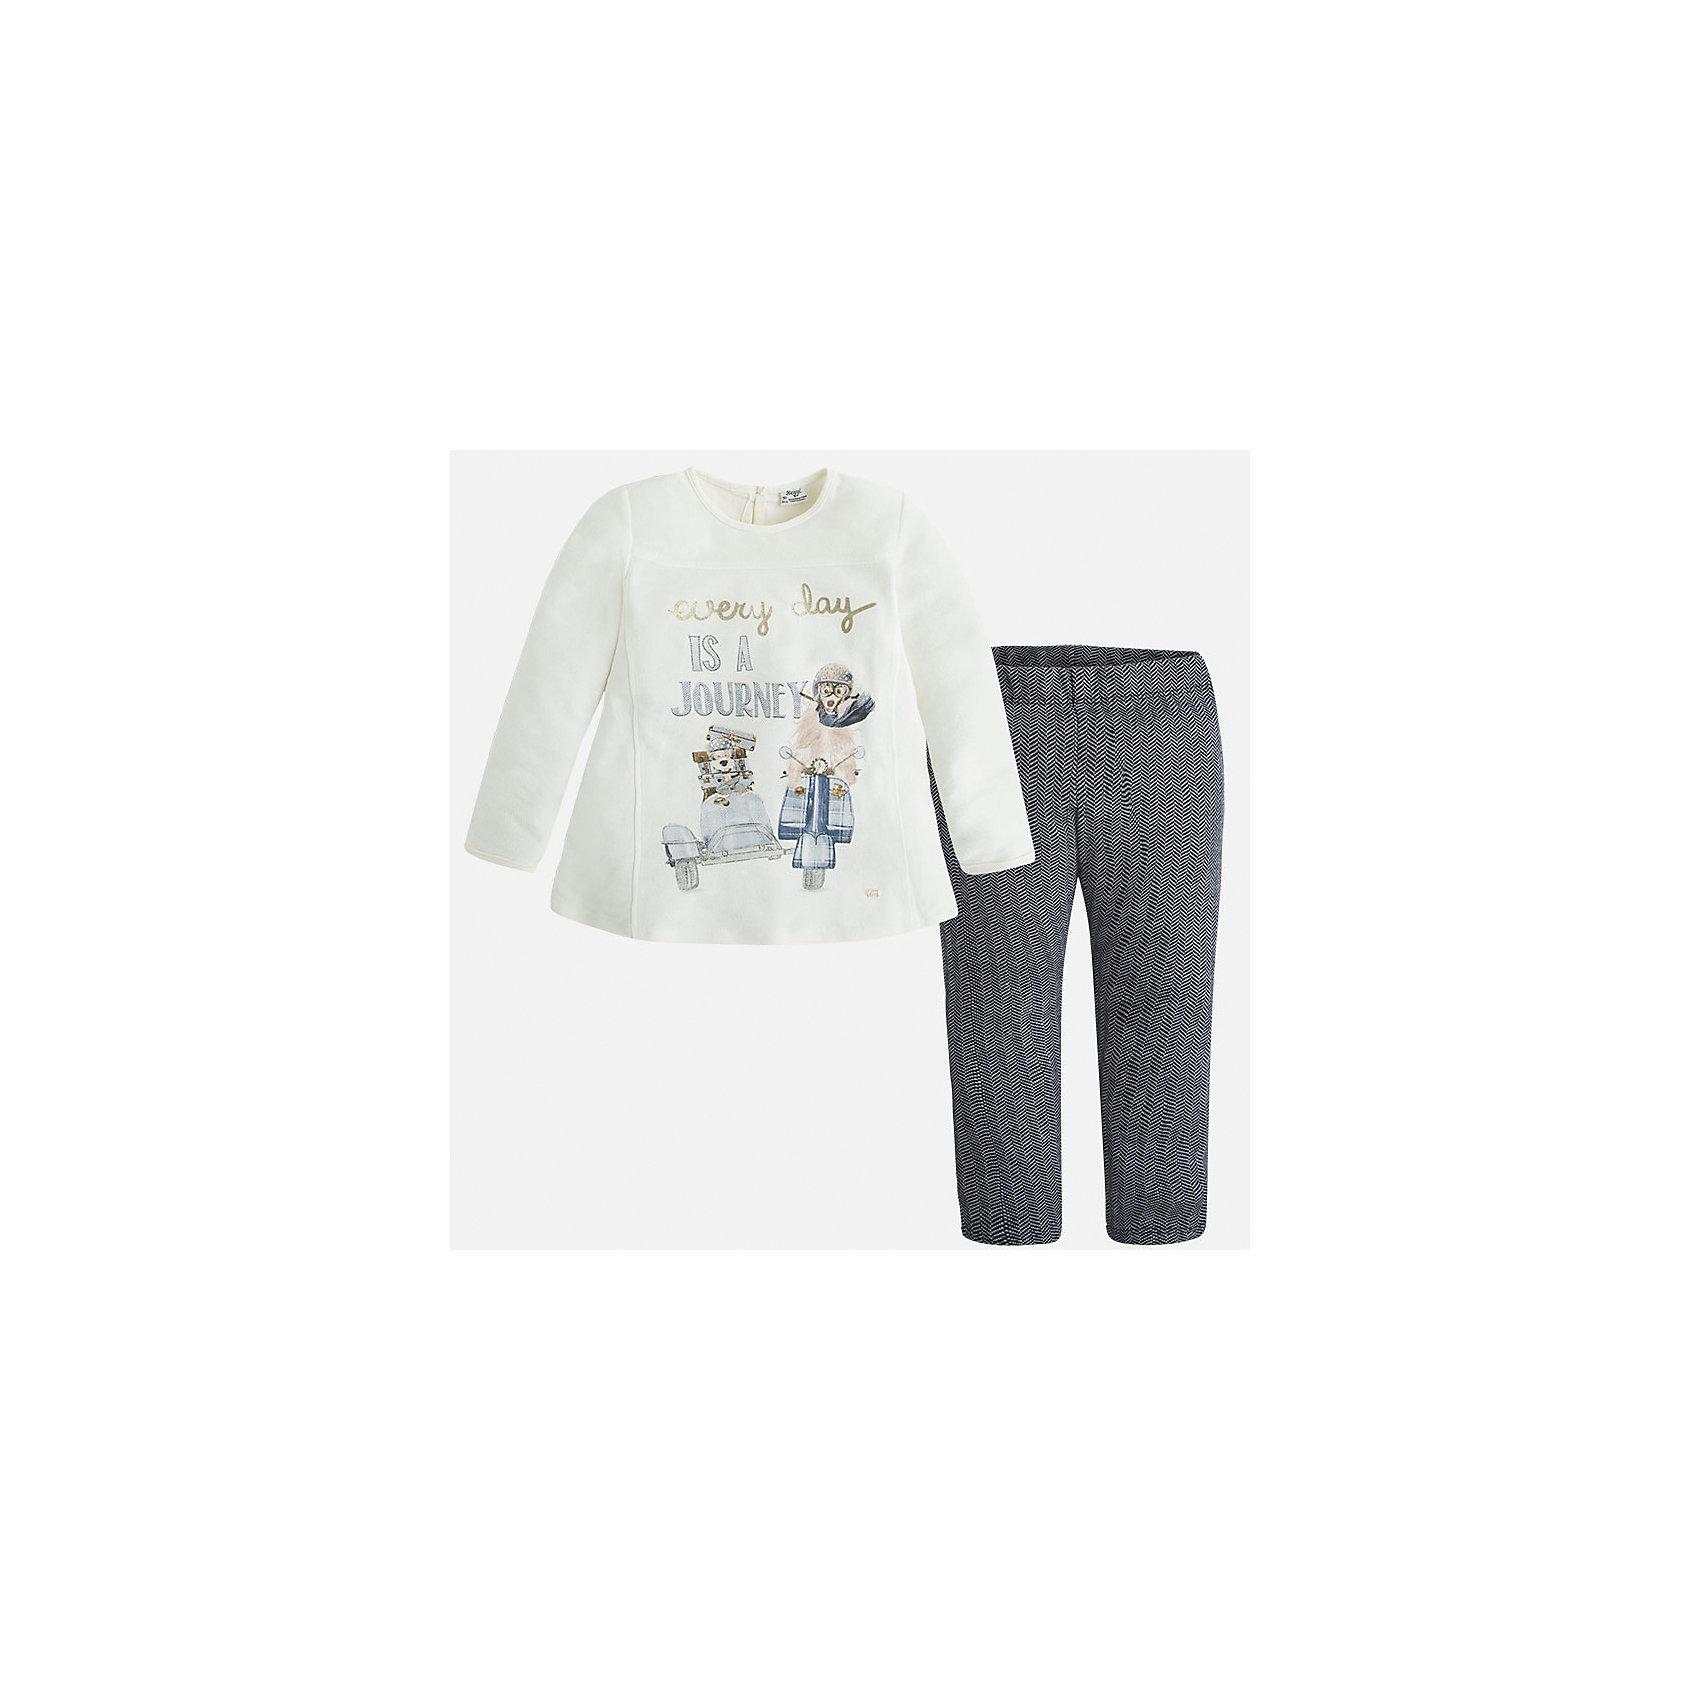 Комлект для девочки: футболка и леггинсы MayoralКомплекты<br>Стильный комплект от Mayoral состоит из футболки с длинным рукавом и леггинсов контрастной расцветки. Футболка оформлена оригинальным принтом с объемными элементами и вышивкой. Леггинсы из ткани в рубчик отлично облегают фигуру, не вытягиваются во время стирки и носки. Комплект выполнен из натурального хлопка, прекрасно пропускает воздух, очень приятен к телу.  <br><br>Дополнительная информация:<br><br>- Мягкий трикотажный материал. <br>- Комплектация: леггинсы, футболка. <br>- Округлый вырез горловины. <br>- Футболка застегивается на пуговицу сзади. <br>- Оригинальный принт спереди. <br>- Леггинсы на поясе с резинкой.<br>Состав:<br>- 100% хлопок.<br><br>Комплект: футболку и леггинсы для девочки Mayoral (Майорал), белый/темно-синий, можно купить в нашем магазине.<br><br>Ширина мм: 123<br>Глубина мм: 10<br>Высота мм: 149<br>Вес г: 209<br>Цвет: синий<br>Возраст от месяцев: 96<br>Возраст до месяцев: 108<br>Пол: Женский<br>Возраст: Детский<br>Размер: 128,98,134,122,110,104,116<br>SKU: 4844978